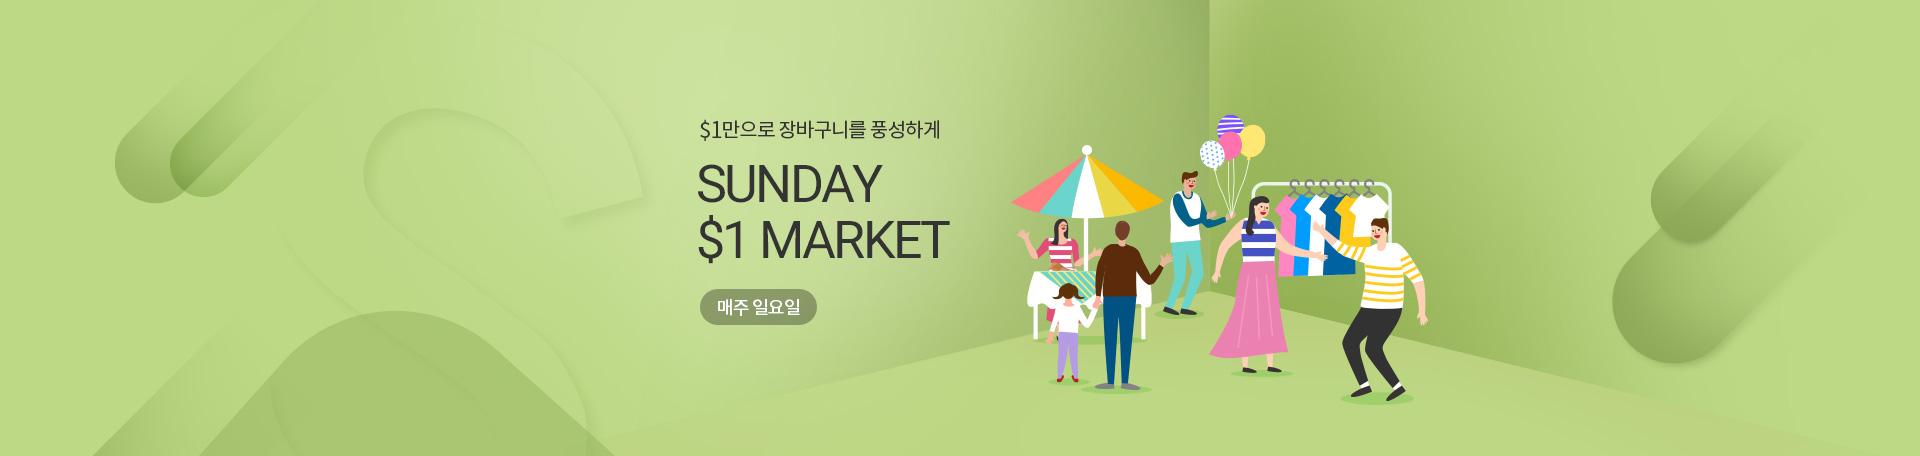 Sunday $1 Market